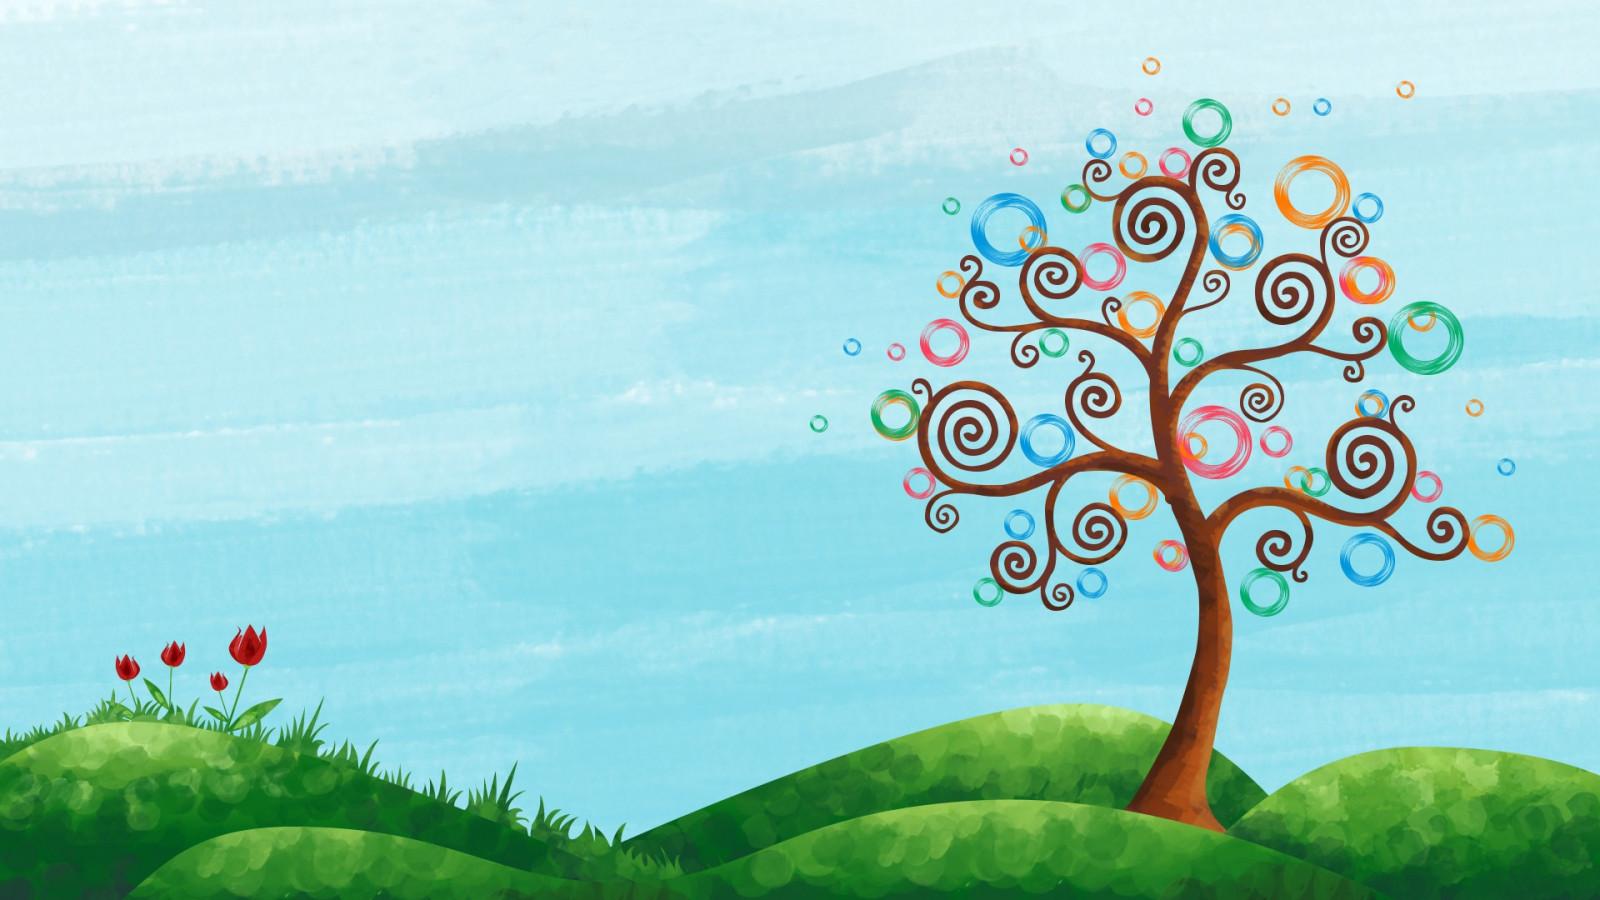 Картинка с деревьями для детей для фона